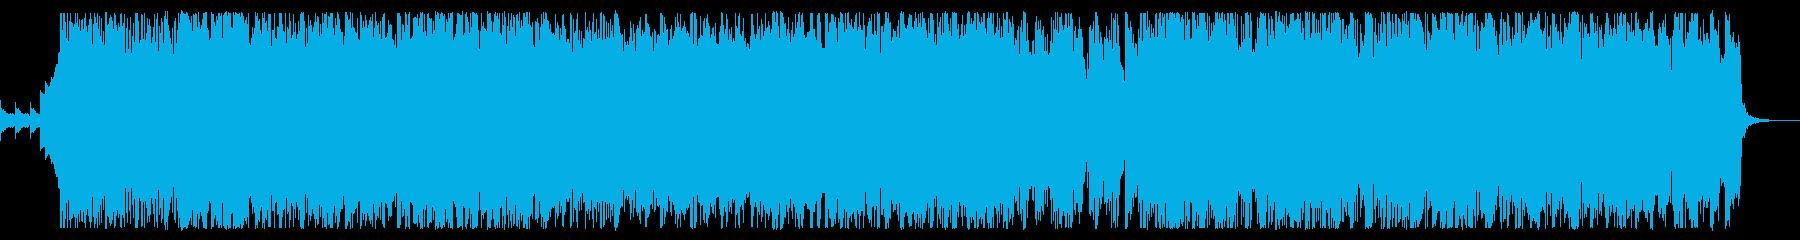 テンション高い疾走ポップロックの再生済みの波形